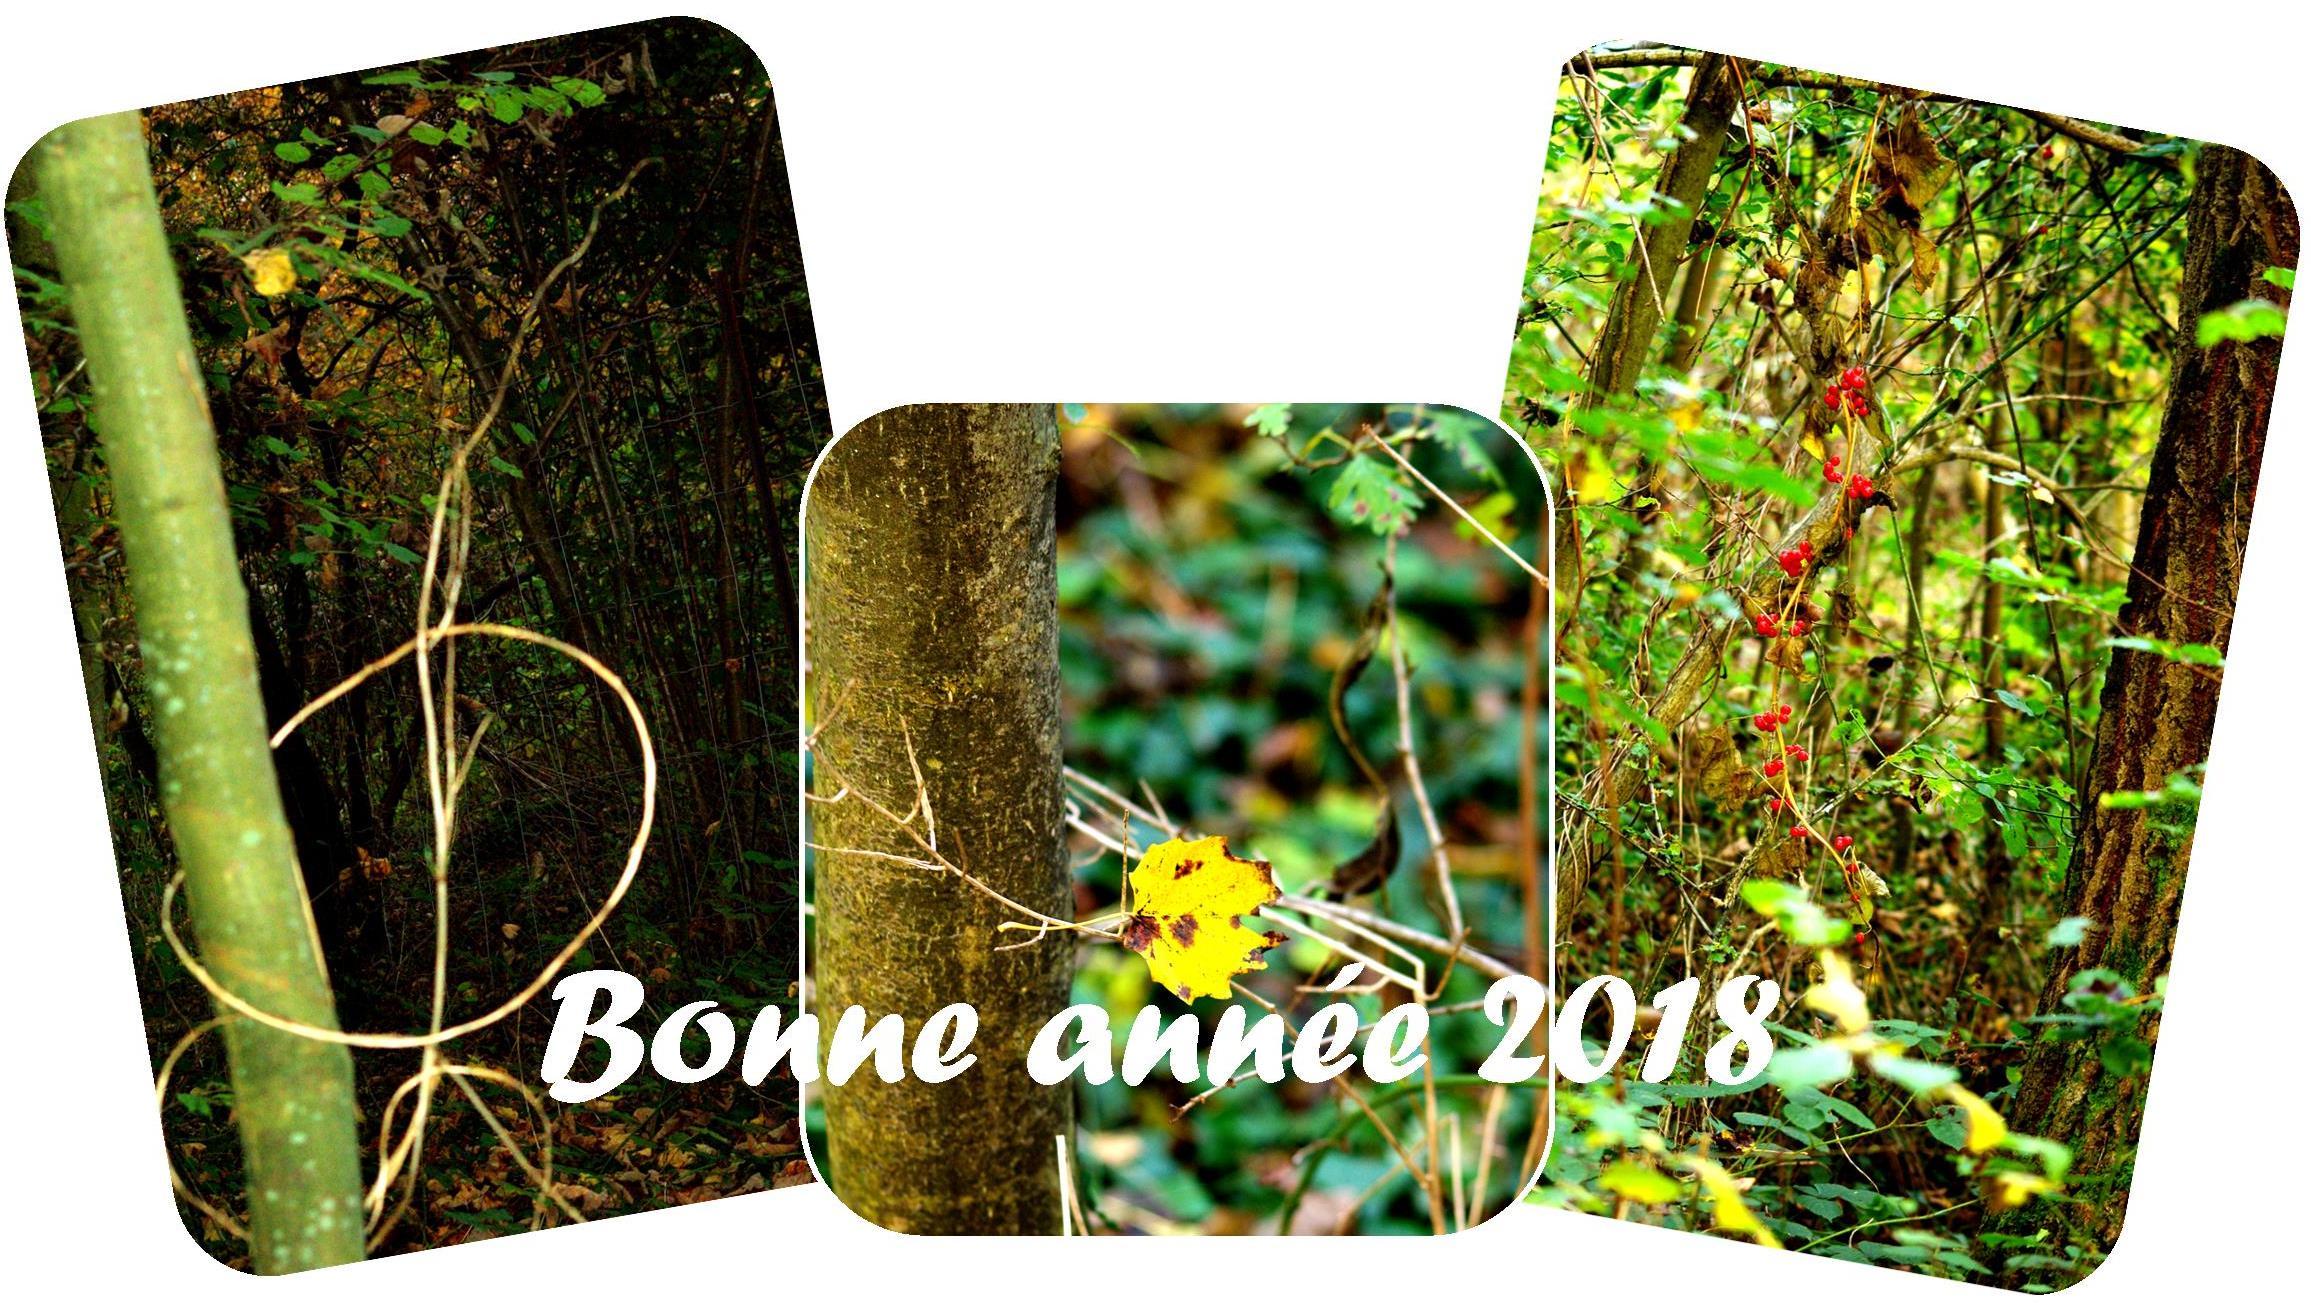 Bonne et heureuse année 2018 dans Ce blog - son auteur voeux-2018